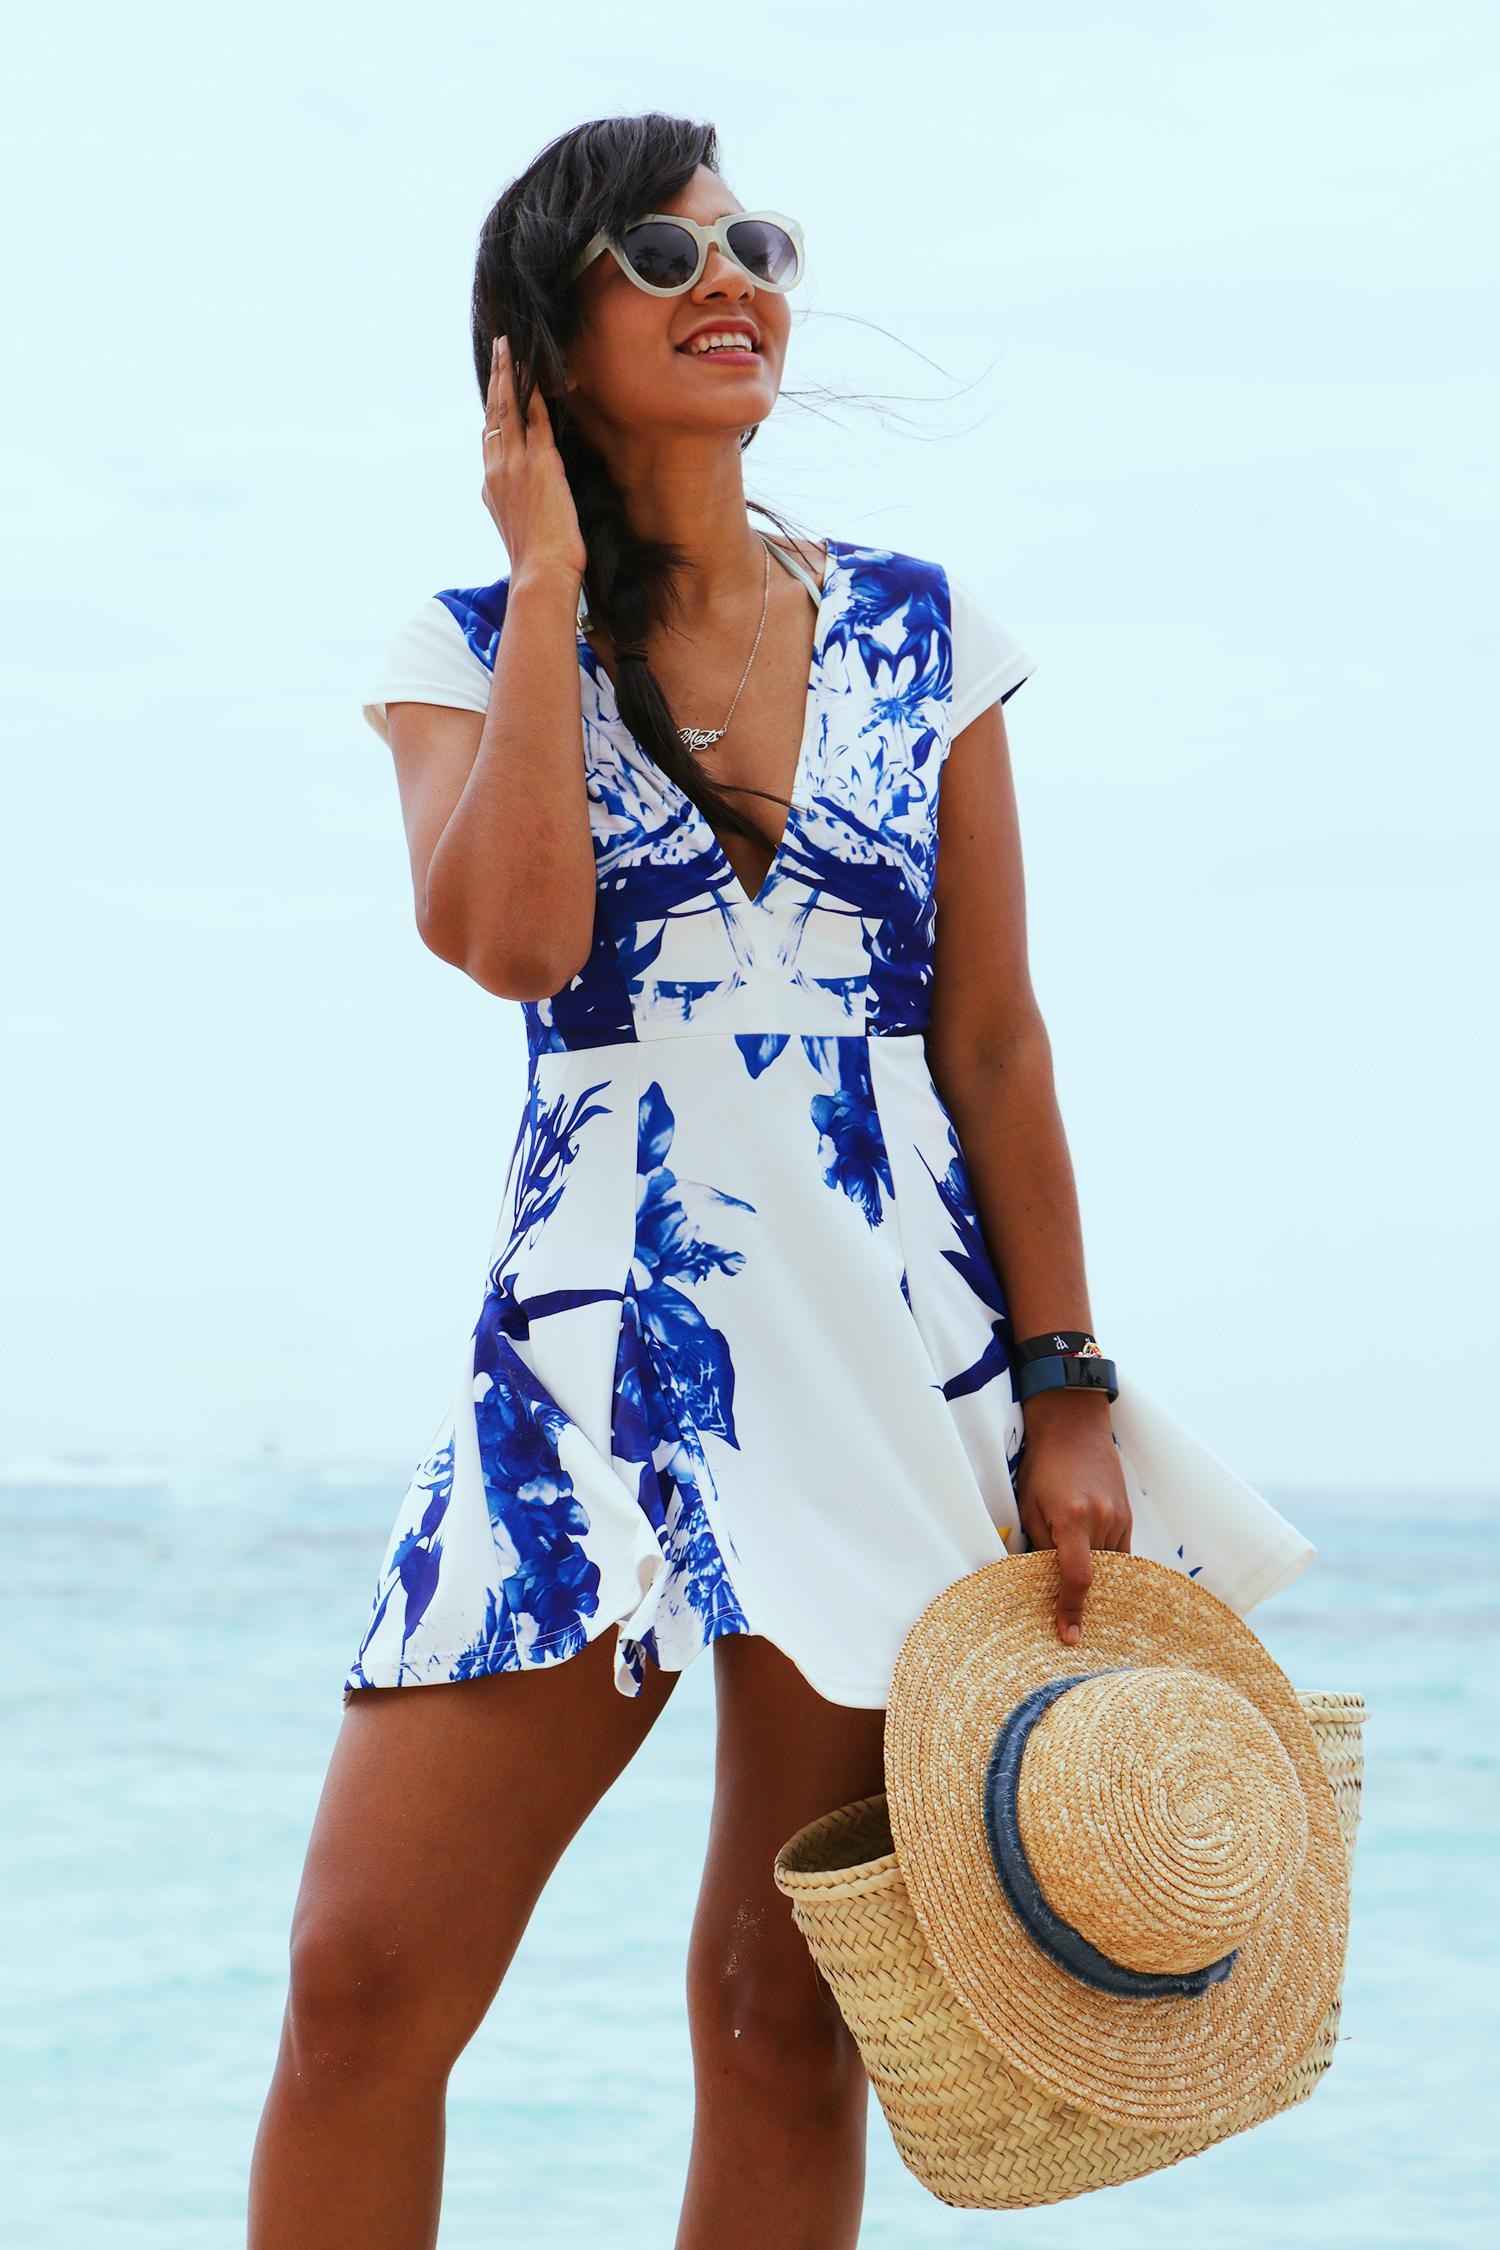 El verano está al doblar de la esquina, por lo que te muestro opciones para sobrevivir las altas temperaturas con vestidos ligeros estampados.